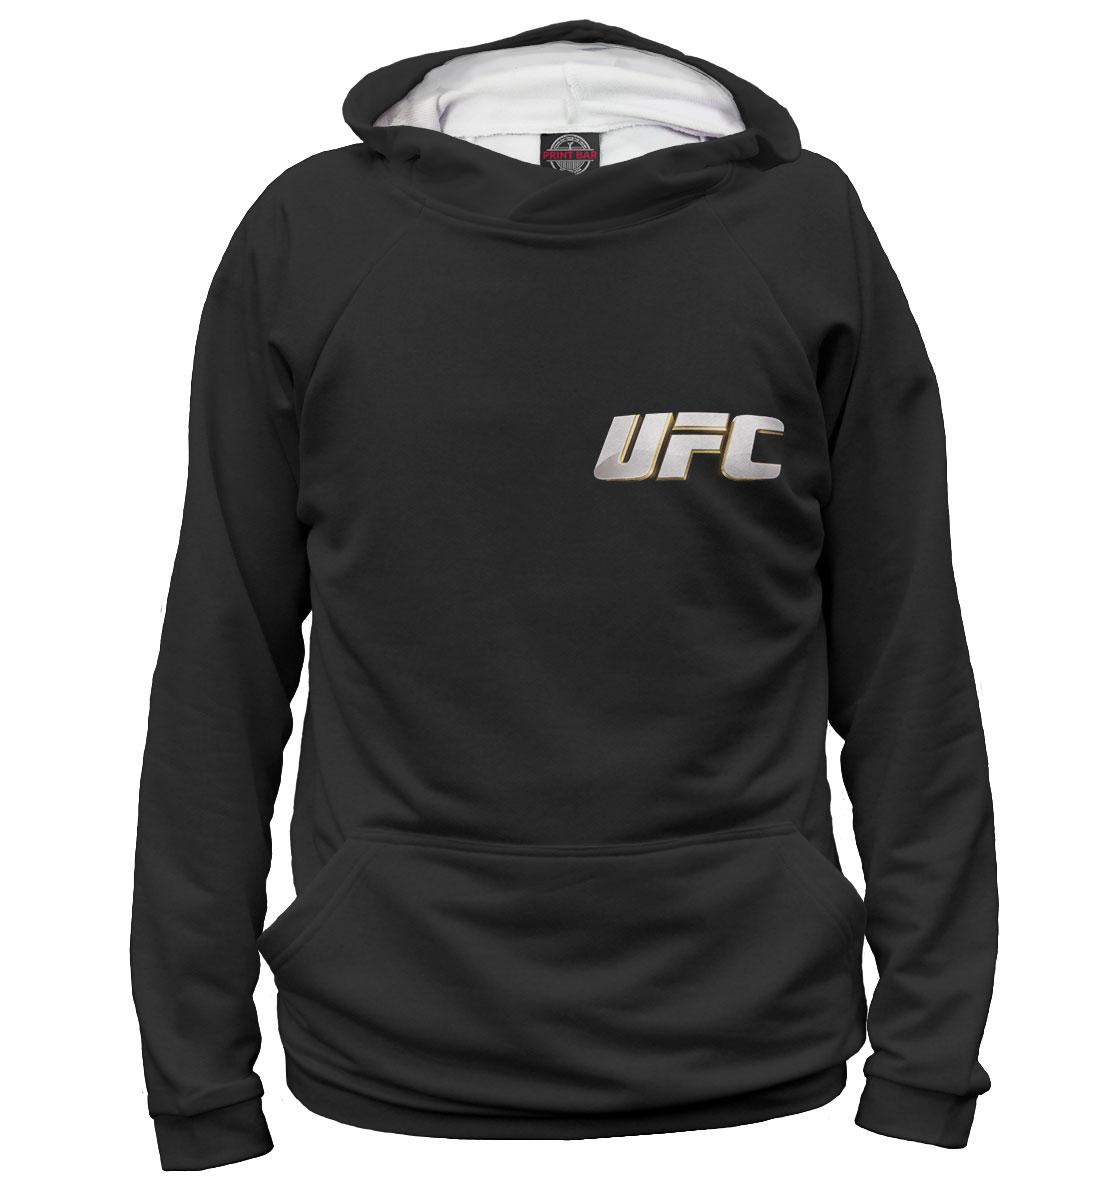 Купить UFC, Printbar, Худи, MNU-334626-hud-1